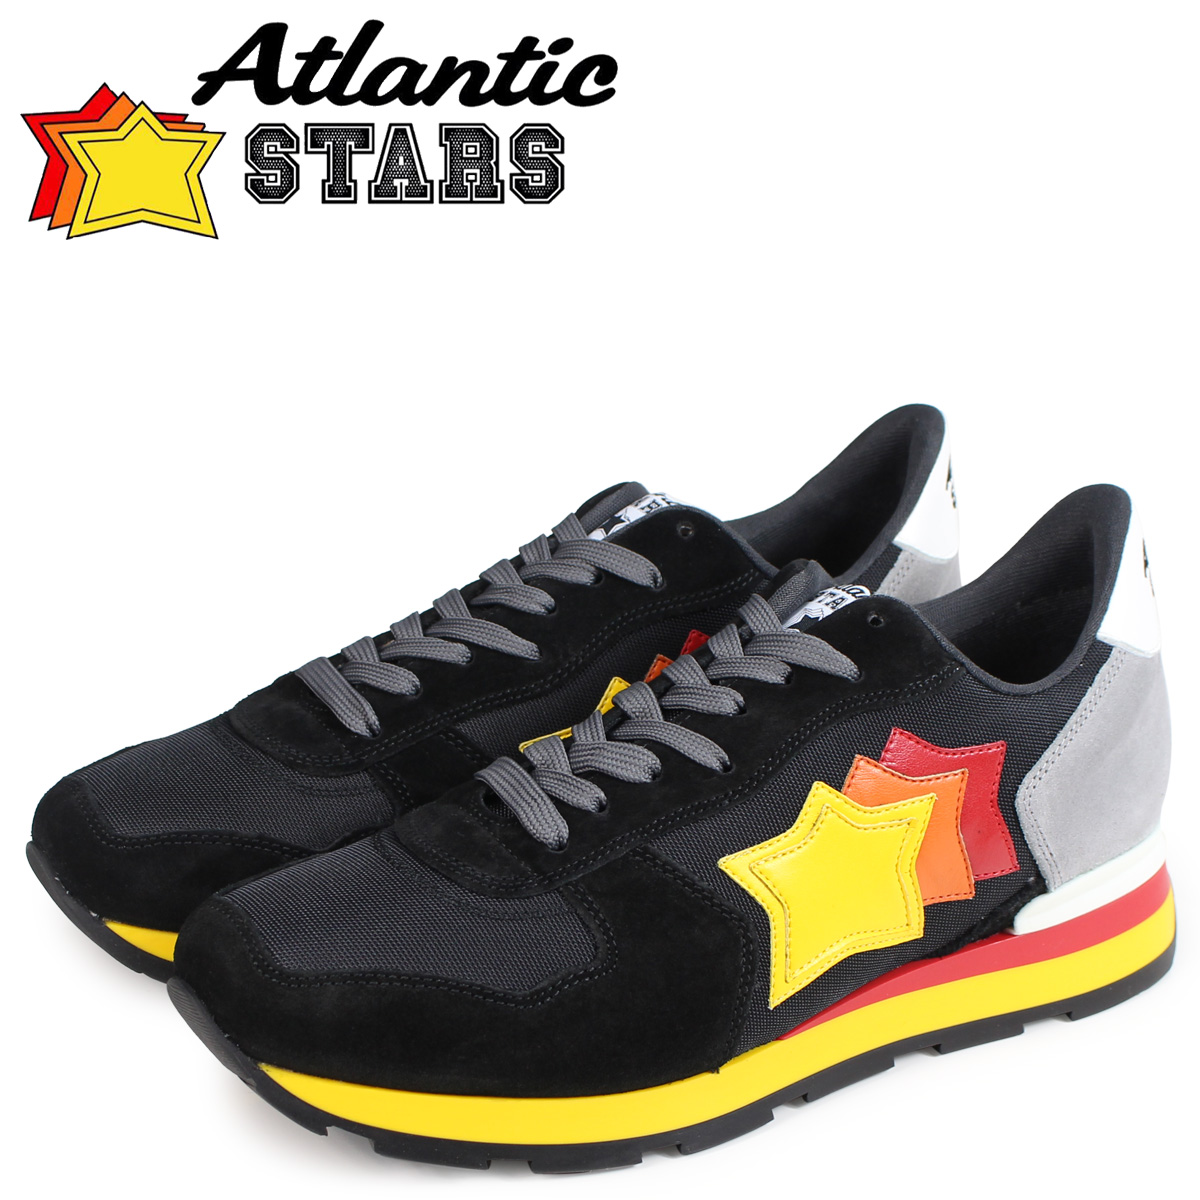 Atlantic STARS メンズ スニーカー アトランティックスターズ アンタレス ANTARES NCB-89B ブラック 黒